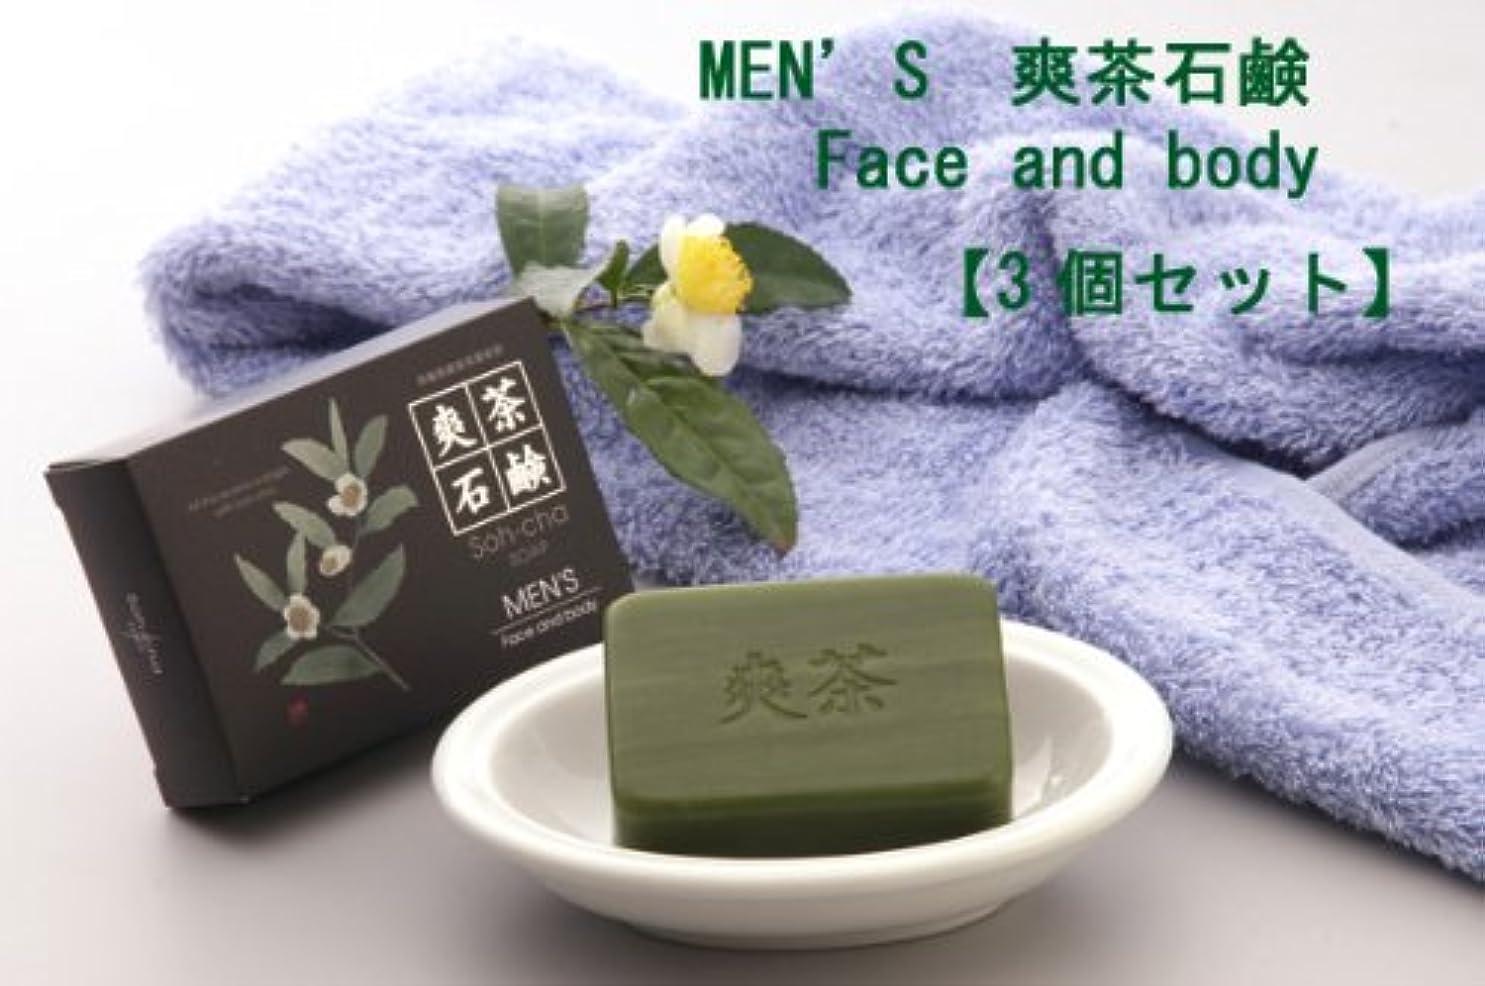 してはいけない時計アッティカスMEN'S 爽茶石鹸 Face and body 3個セット(男性用デオドラントボディ+洗顔石鹸)